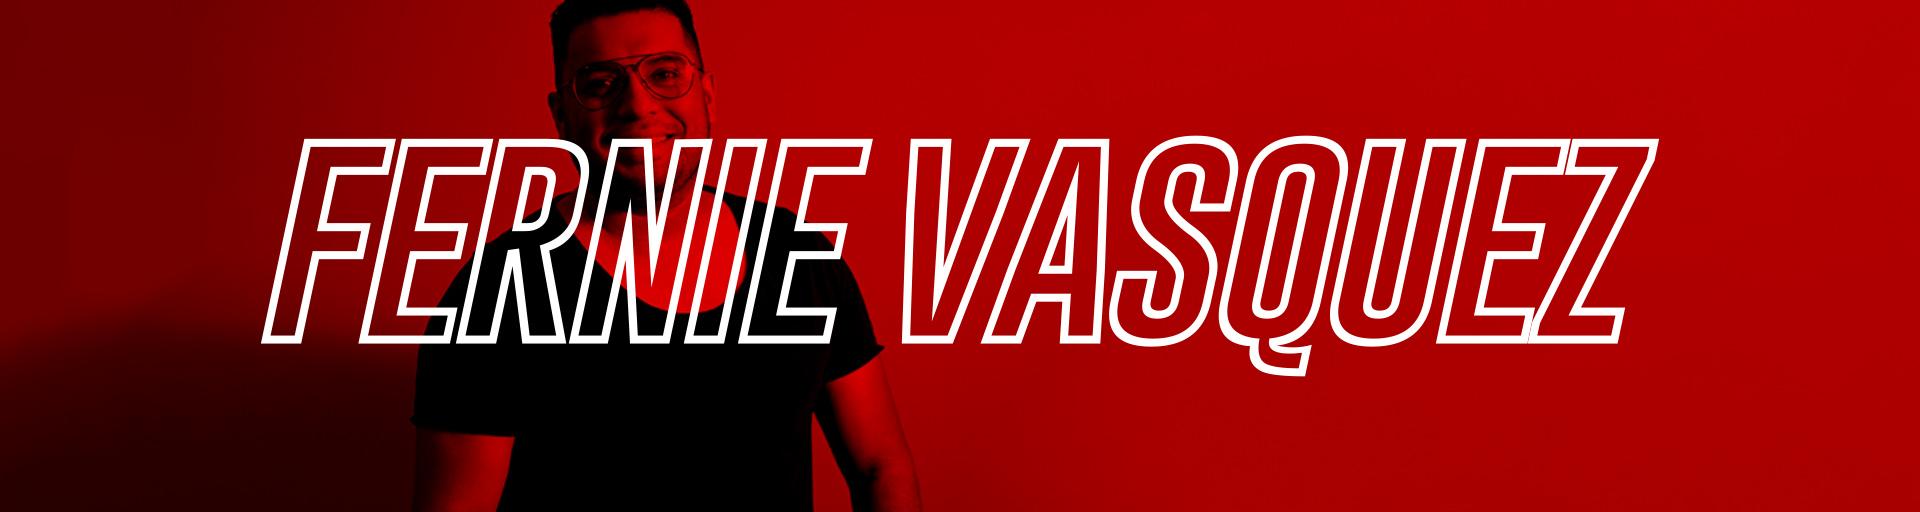 Fernie Vasquez Still LED.jpg